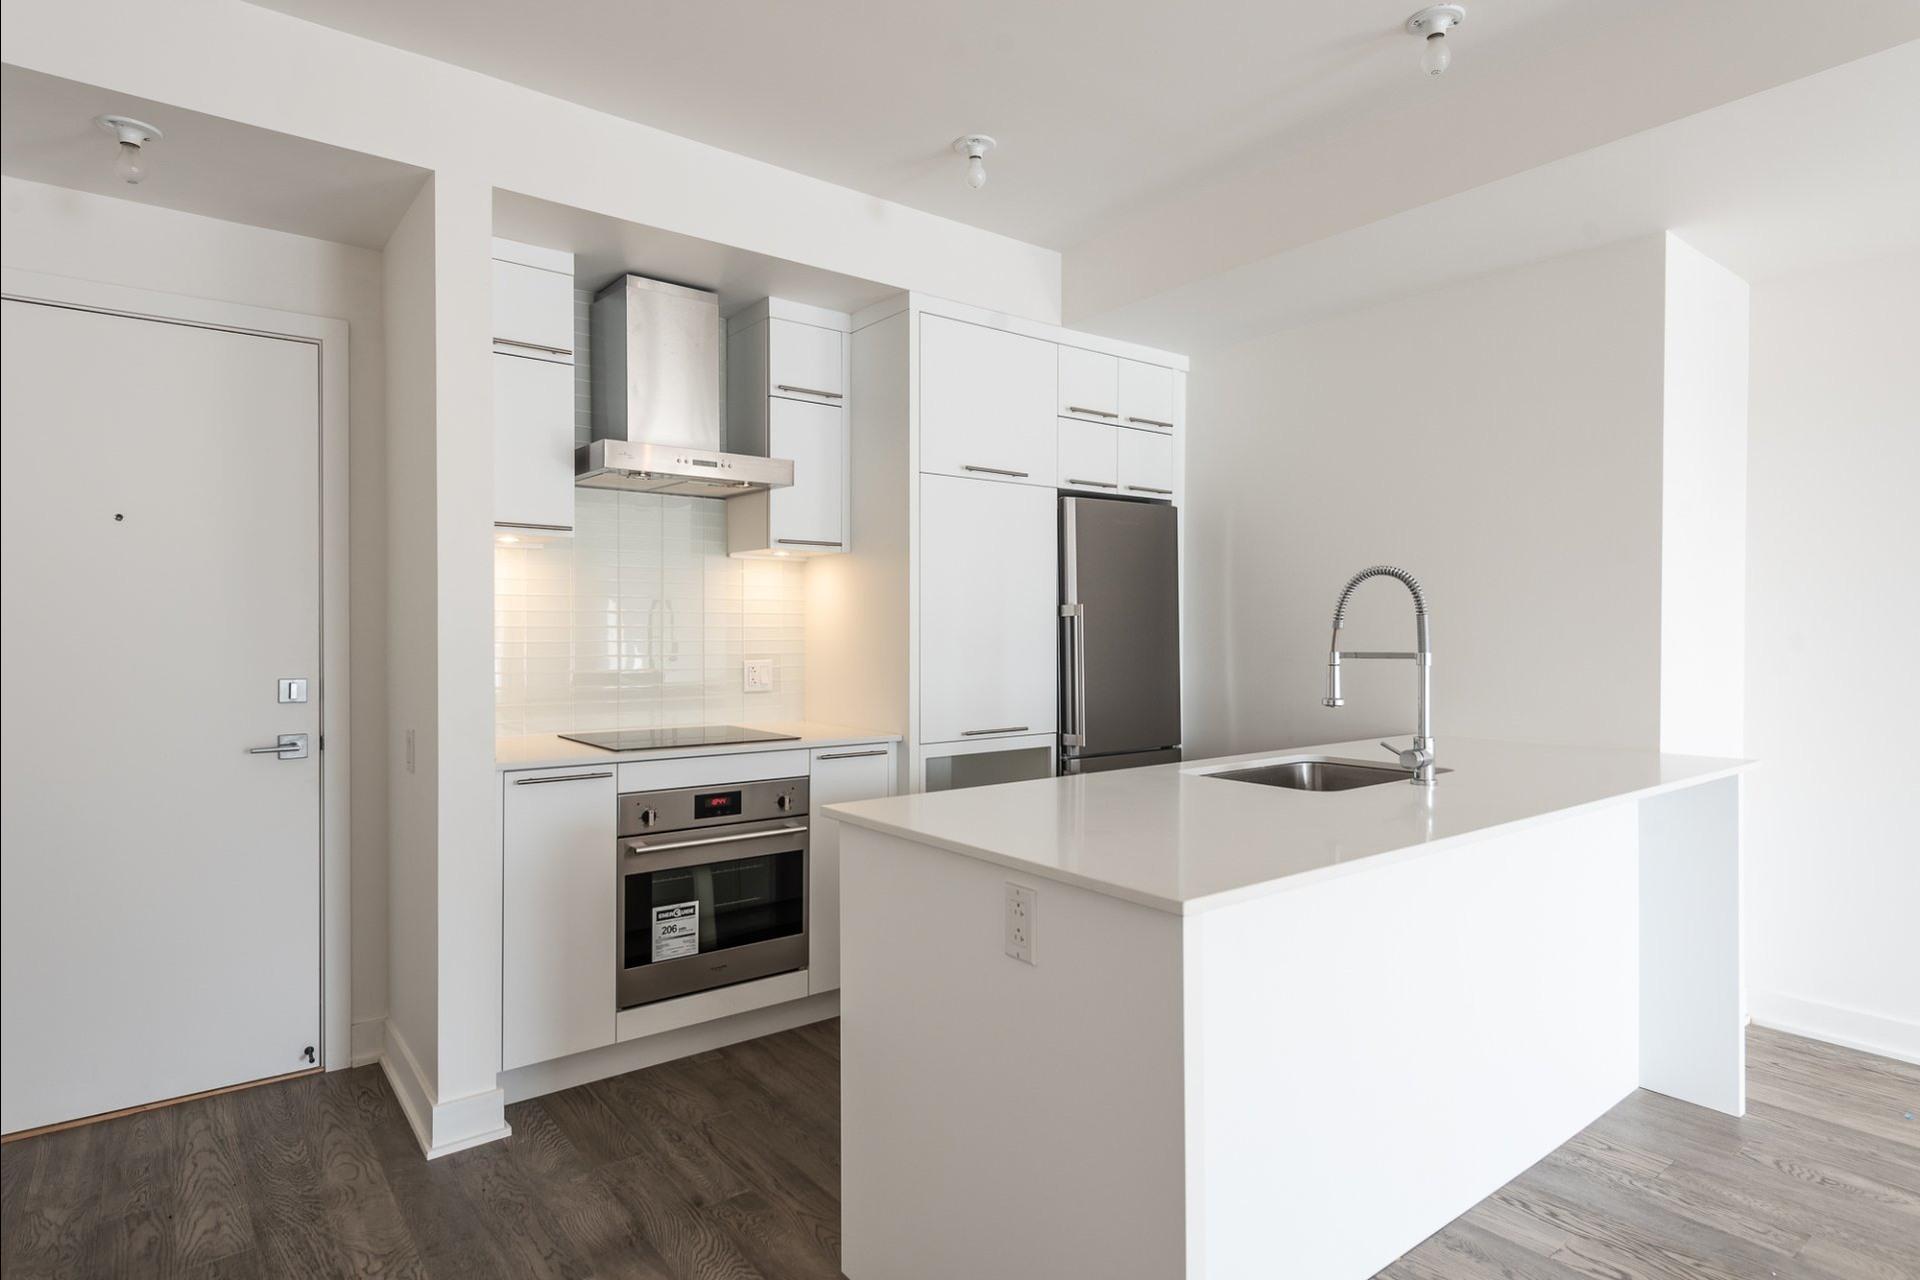 image 4 - Appartement À louer Villeray/Saint-Michel/Parc-Extension Montréal  - 5 pièces